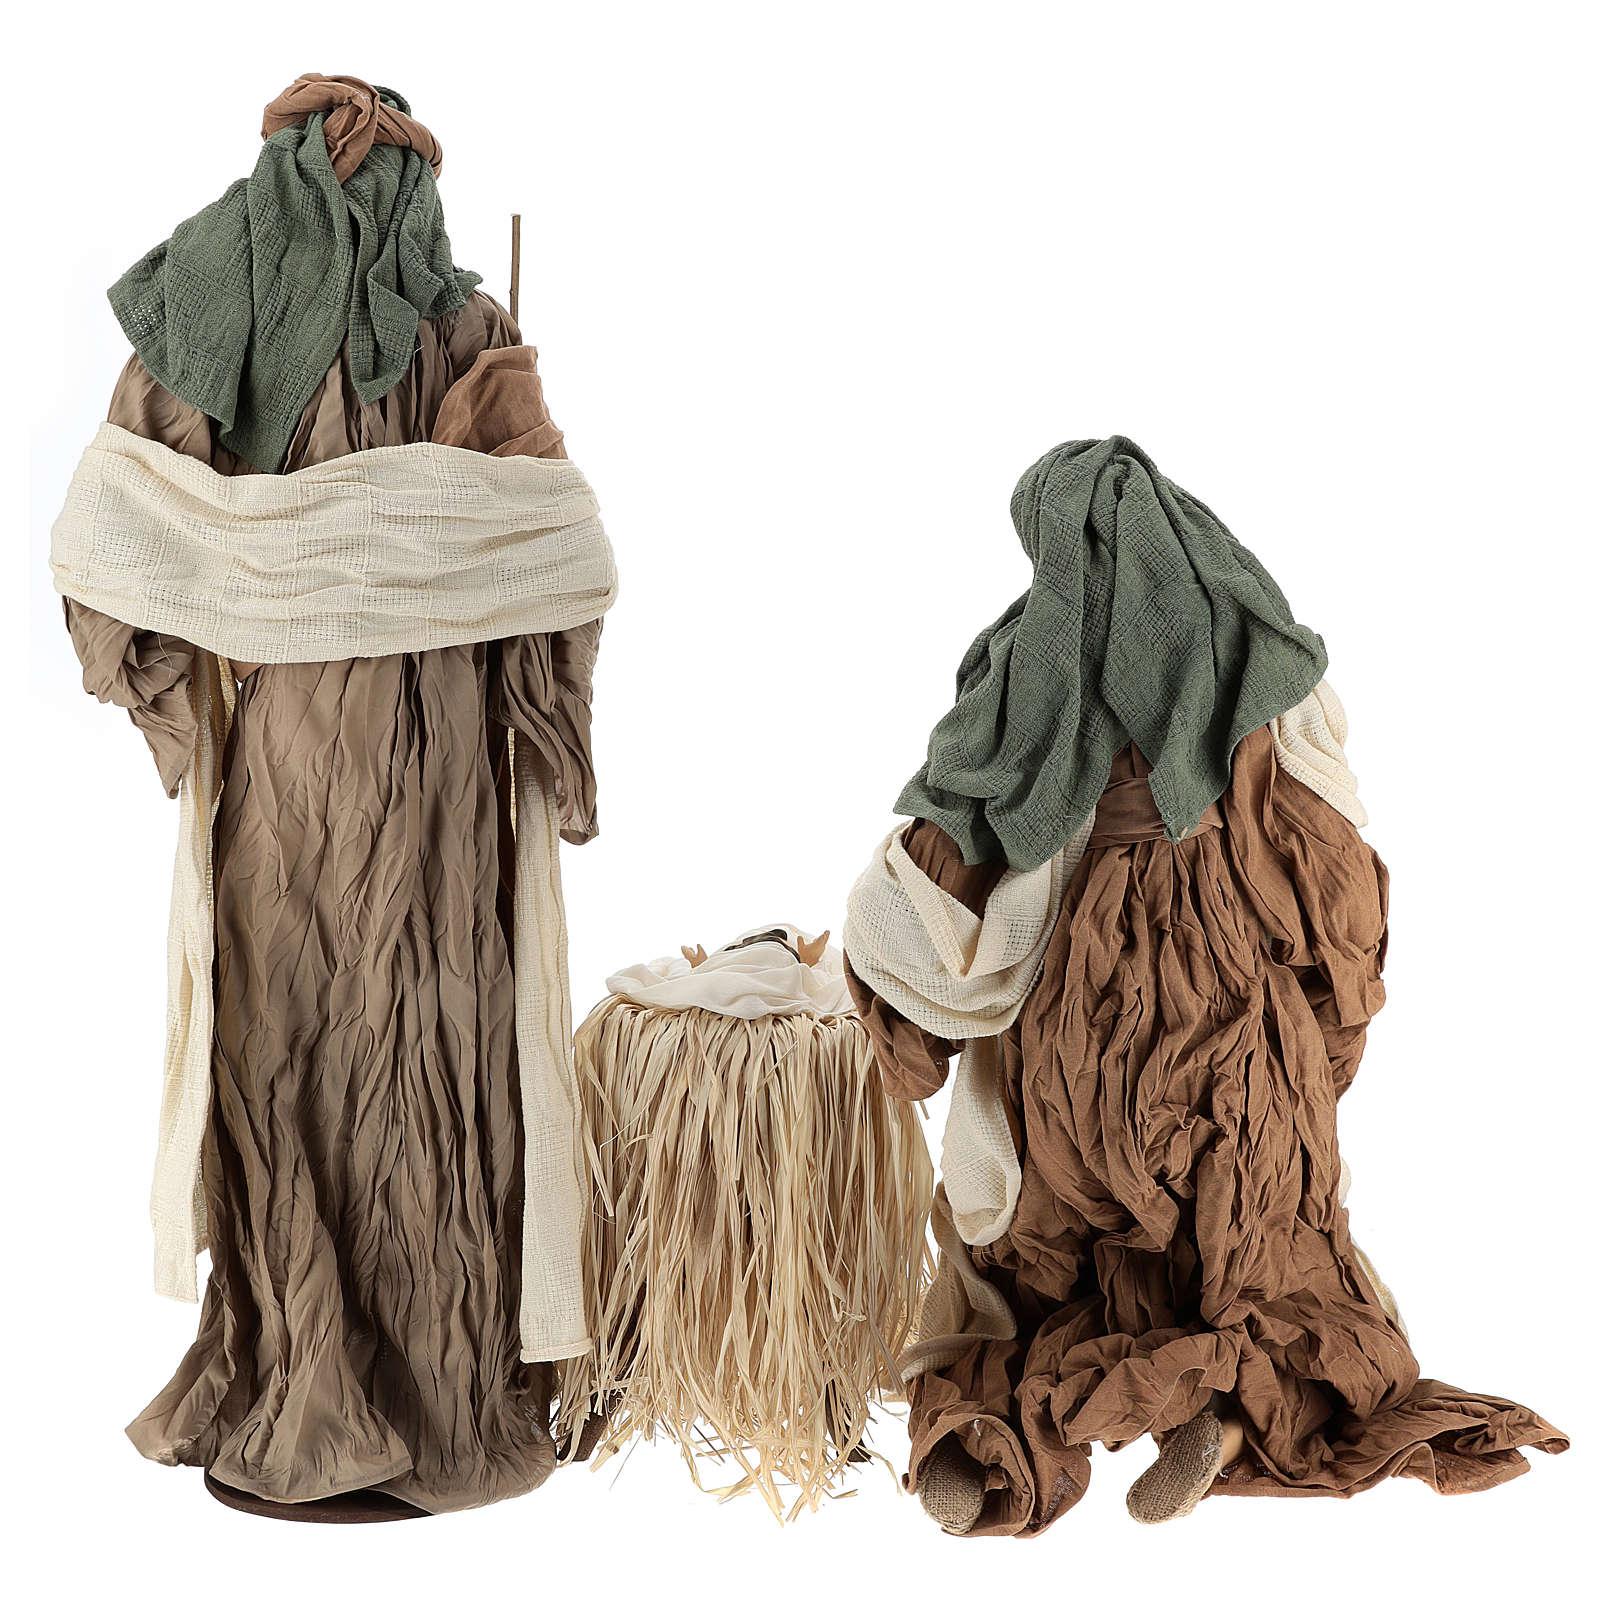 Nativité 80 cm en terre cuite et tissu beige bordeaux 3